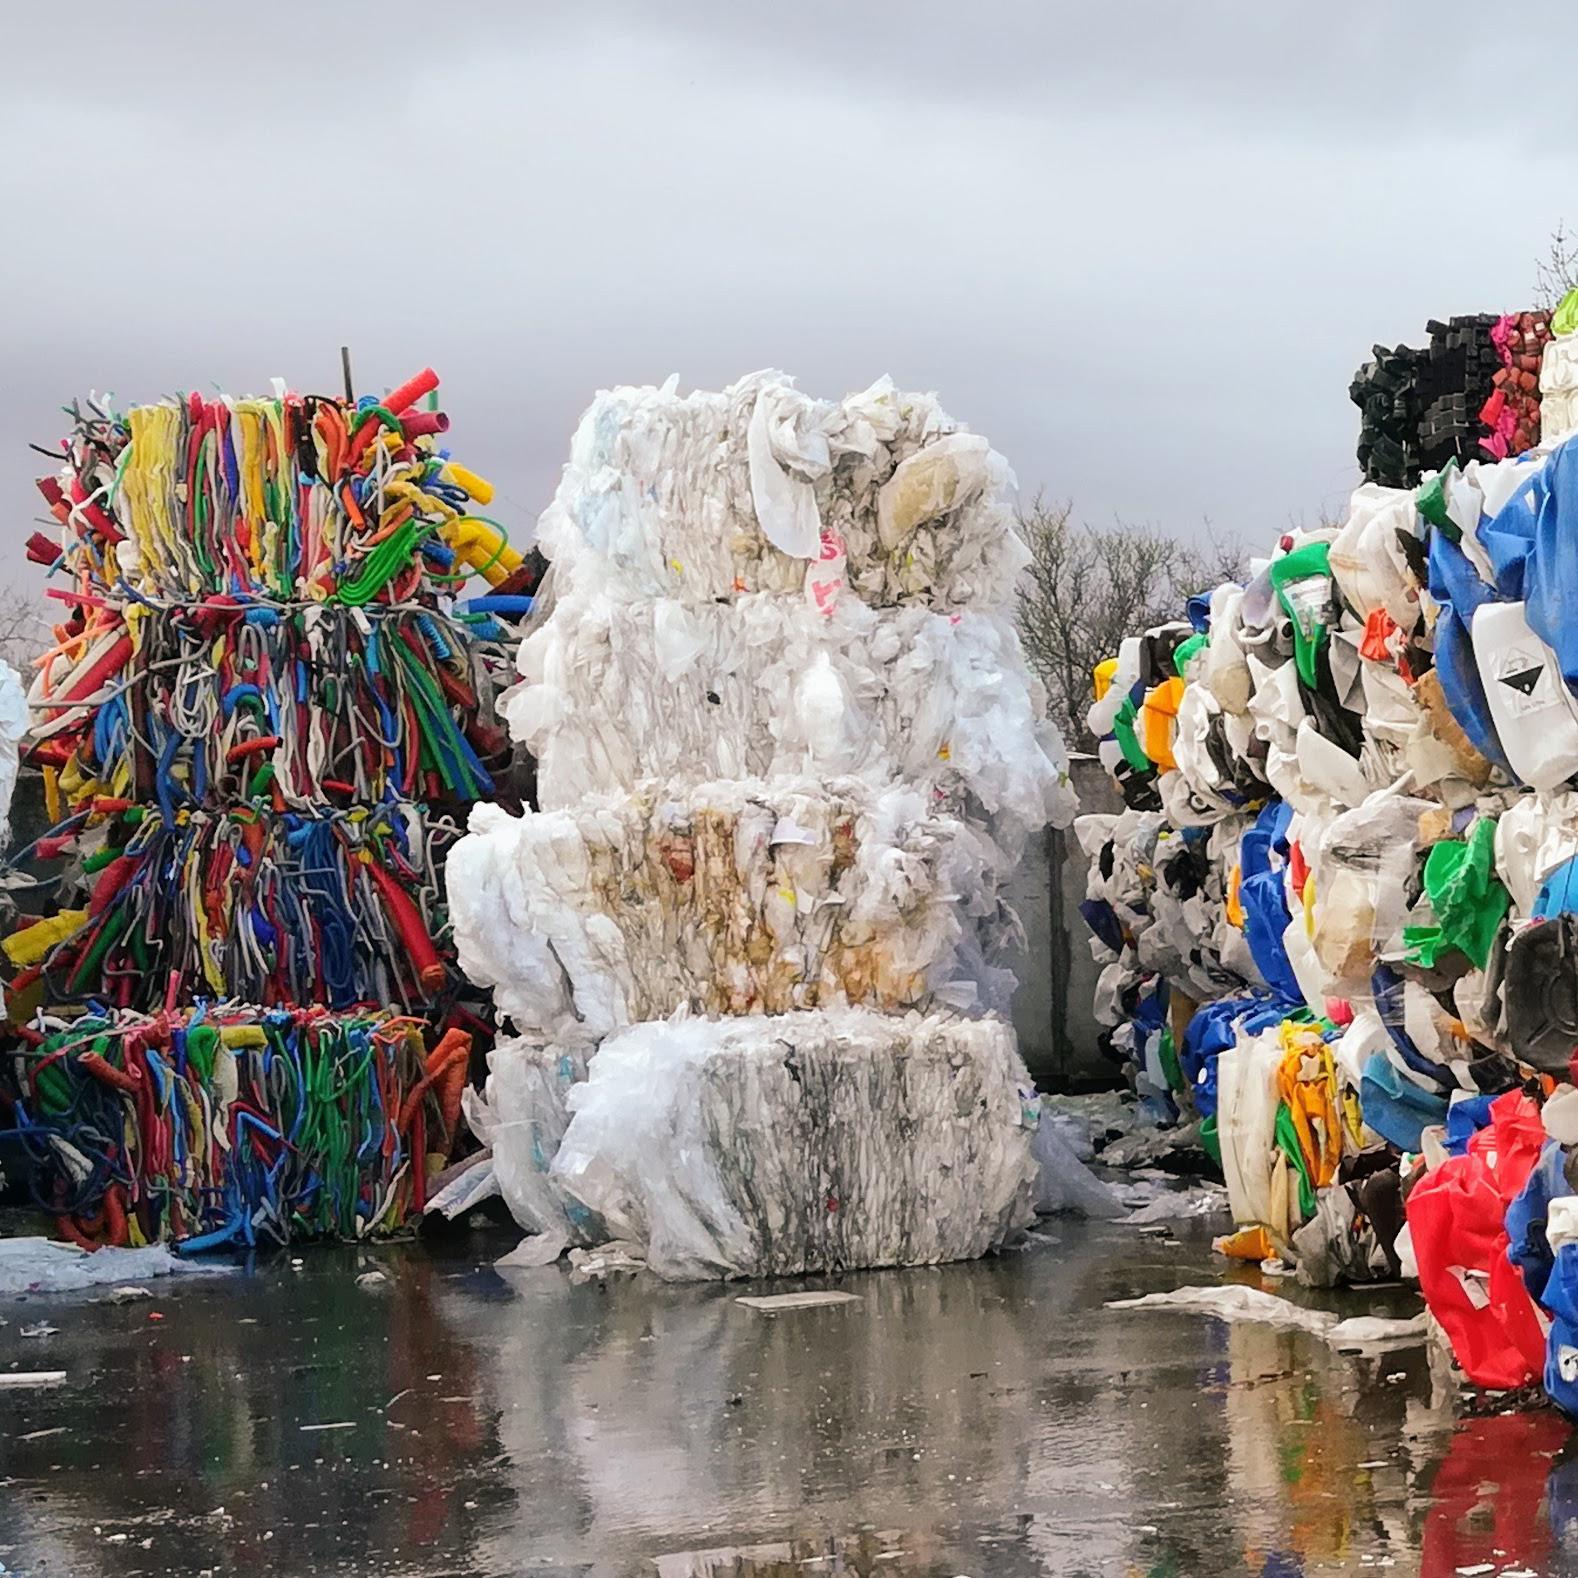 Les plastiques : comment optimiser la ressource ?